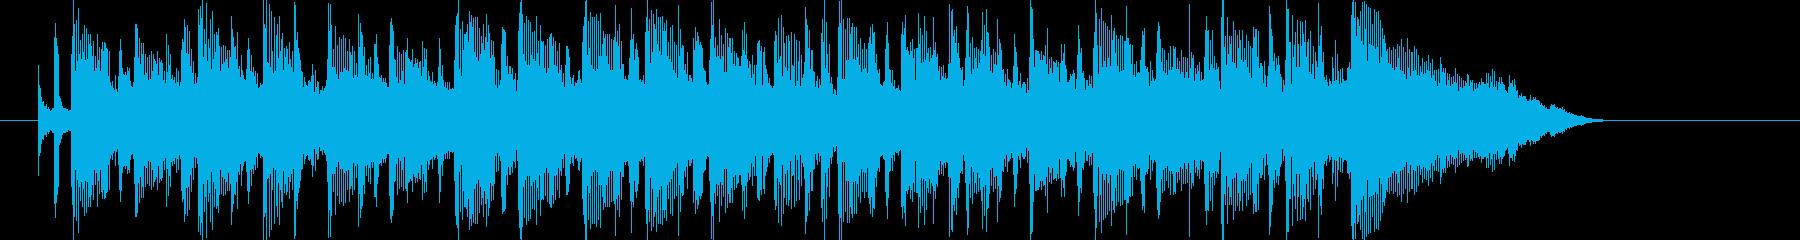 爽やかで落ち着いたポップスのジングル曲の再生済みの波形